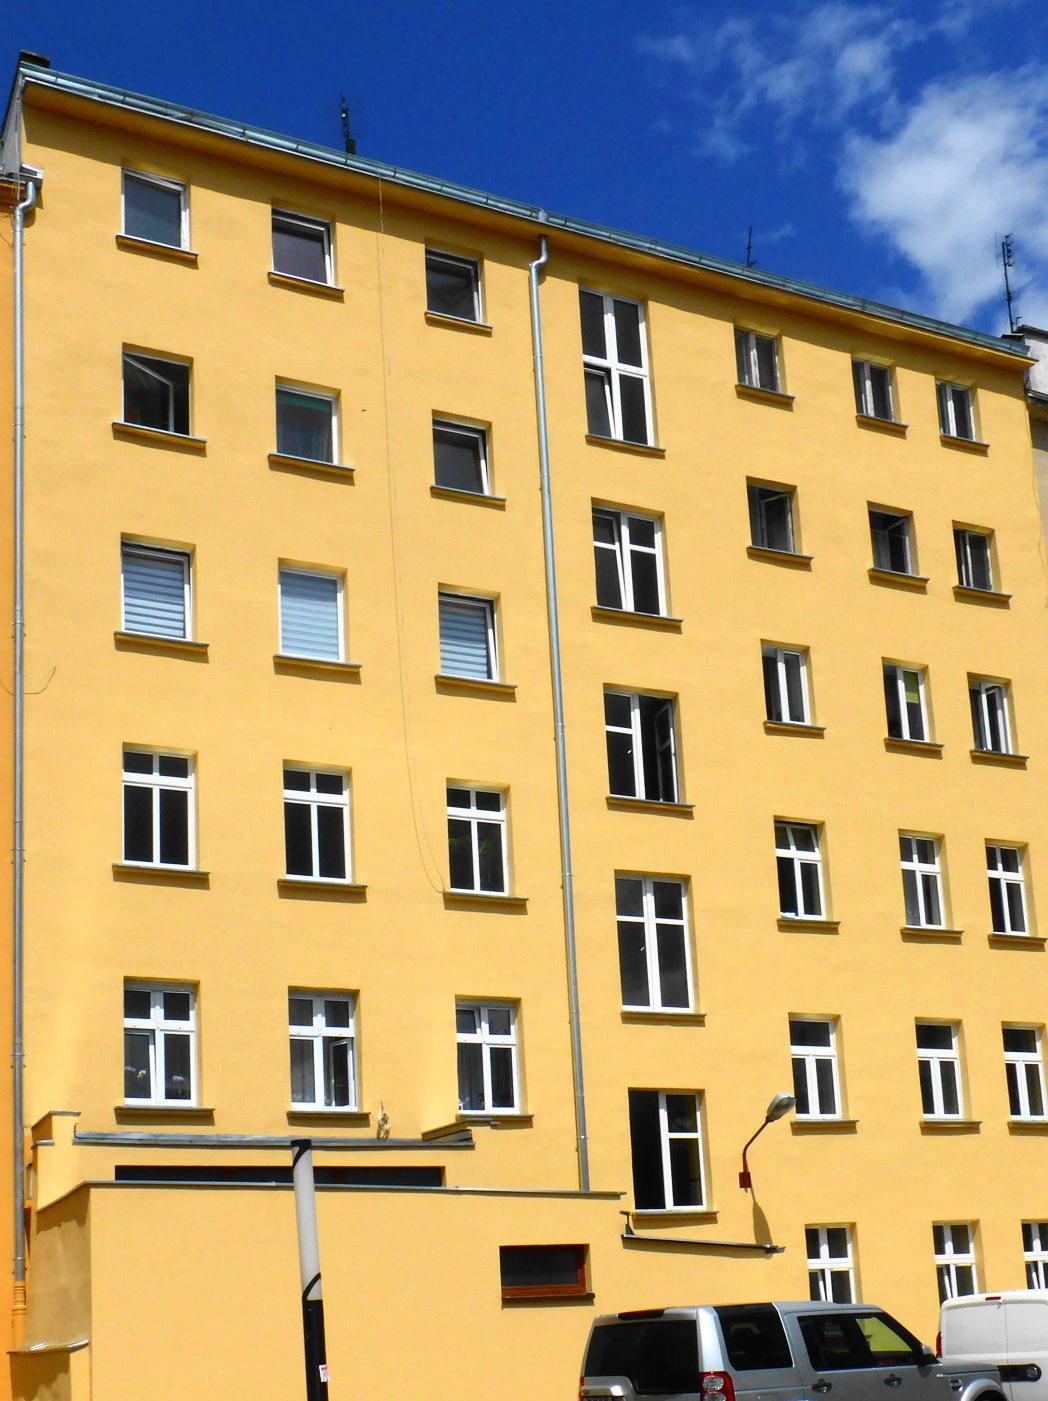 Mieszkanie trzypokojowe na sprzedaż Wrocław, Śródmieście, Św. Wincentego  76m2 Foto 6